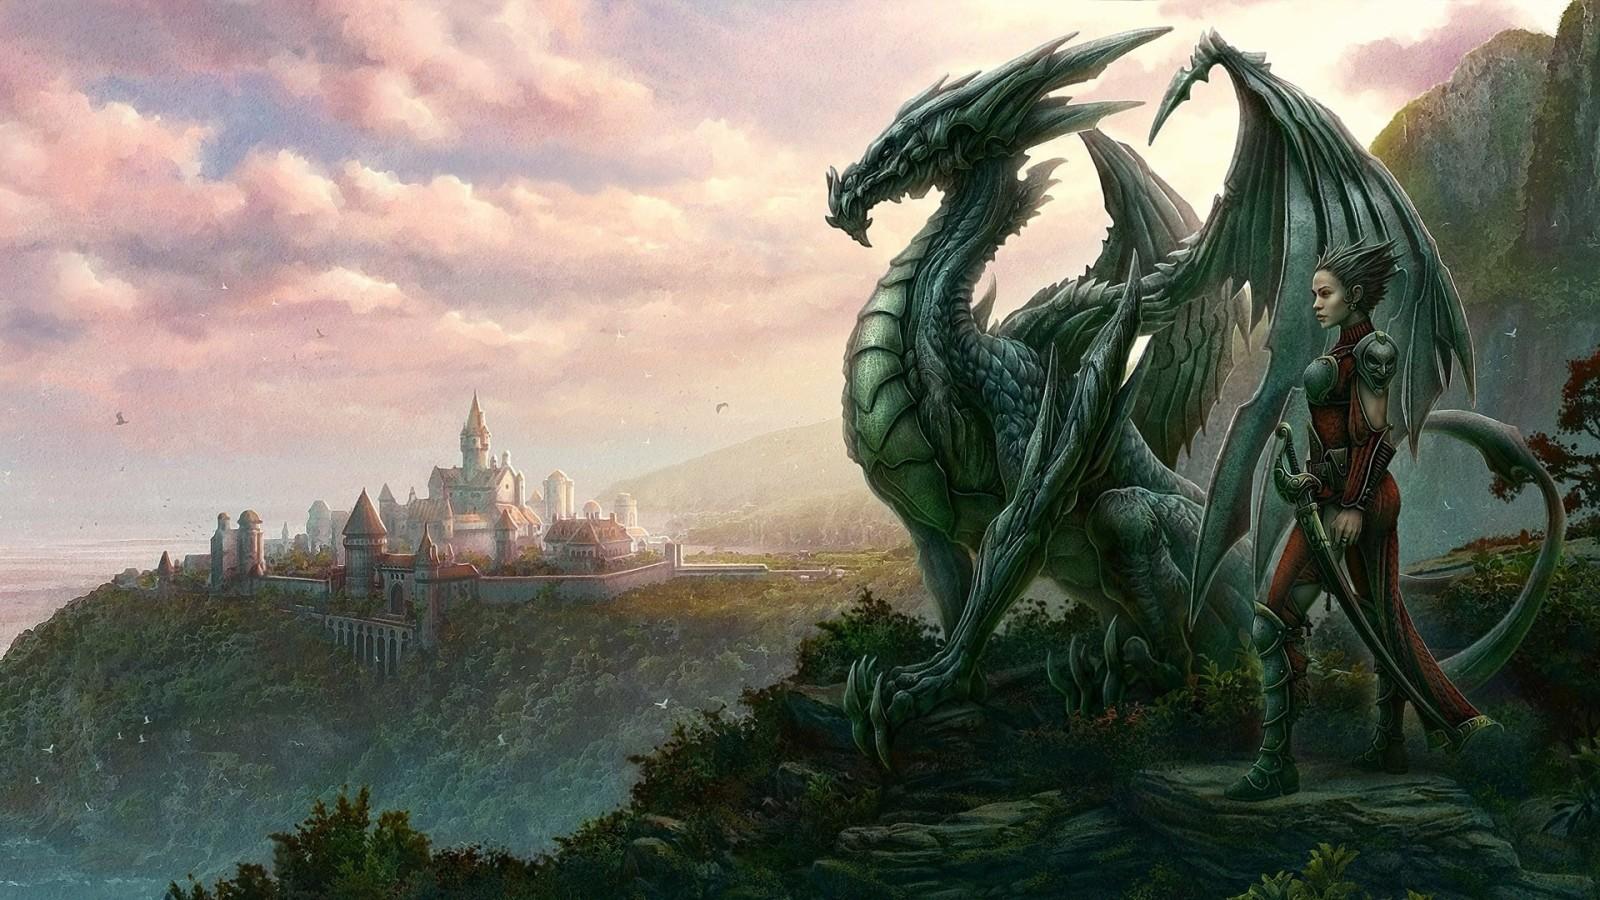 Dragon City Pictures HD Wallpaper of Cartoon   hdwallpaper2013com 1600x900